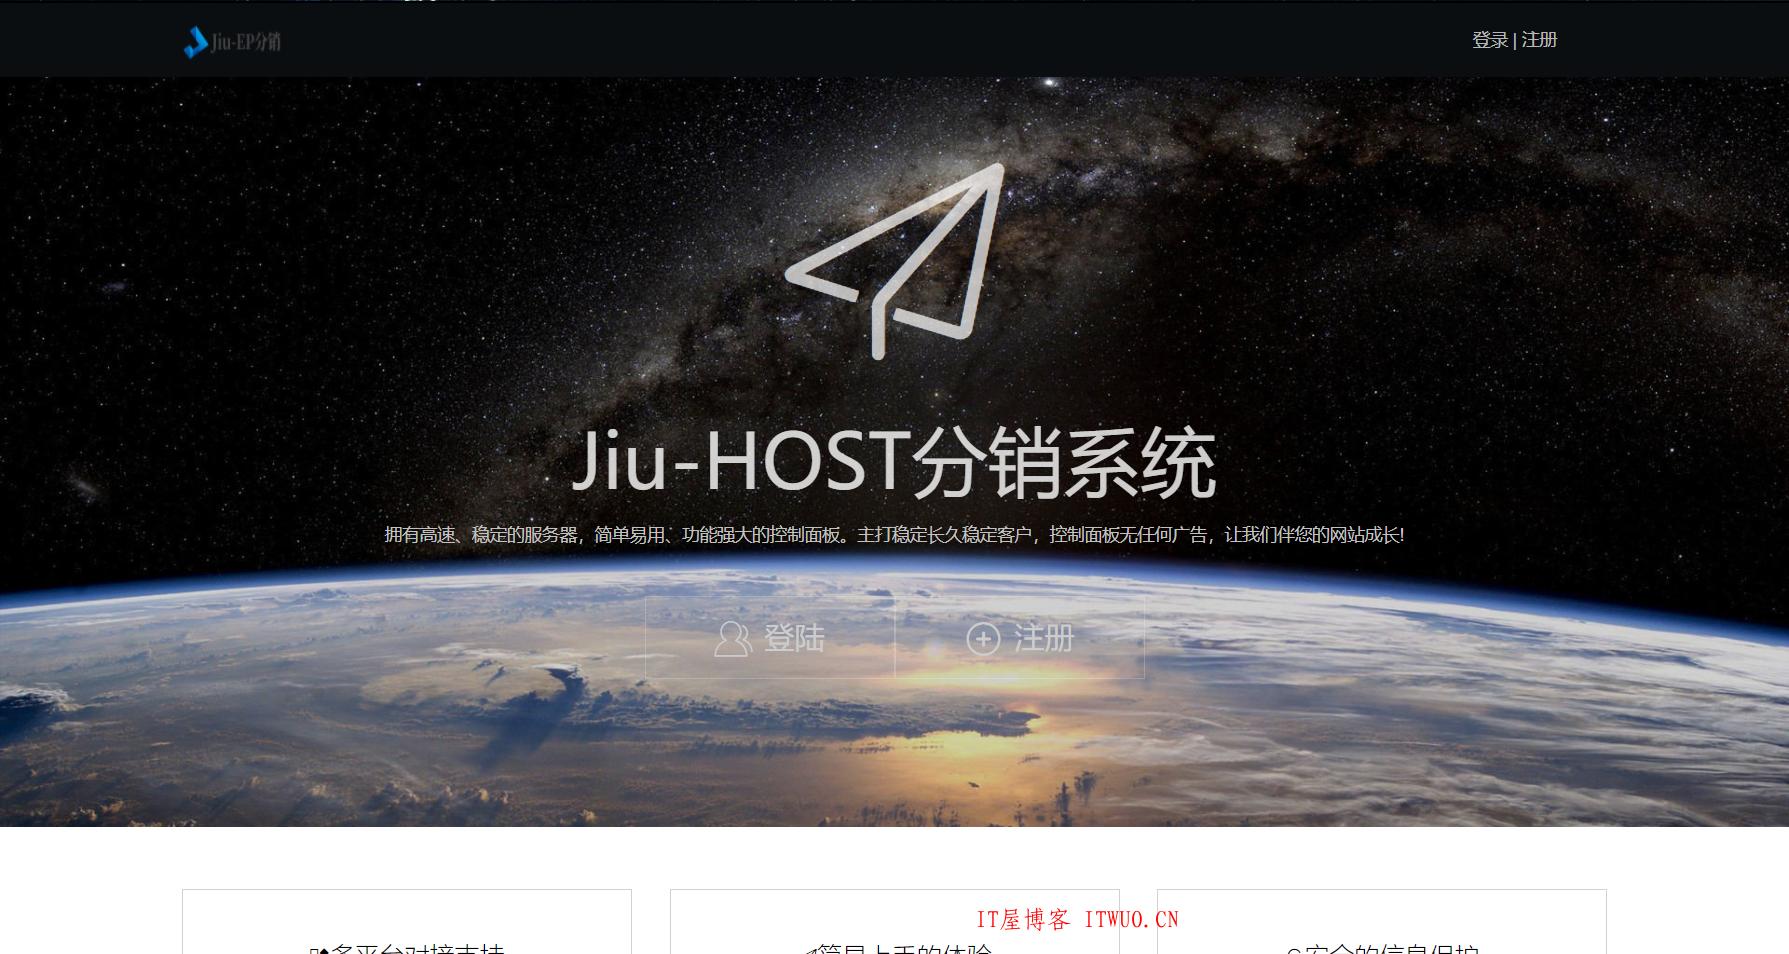 Jiu-Host分销系统 第5张